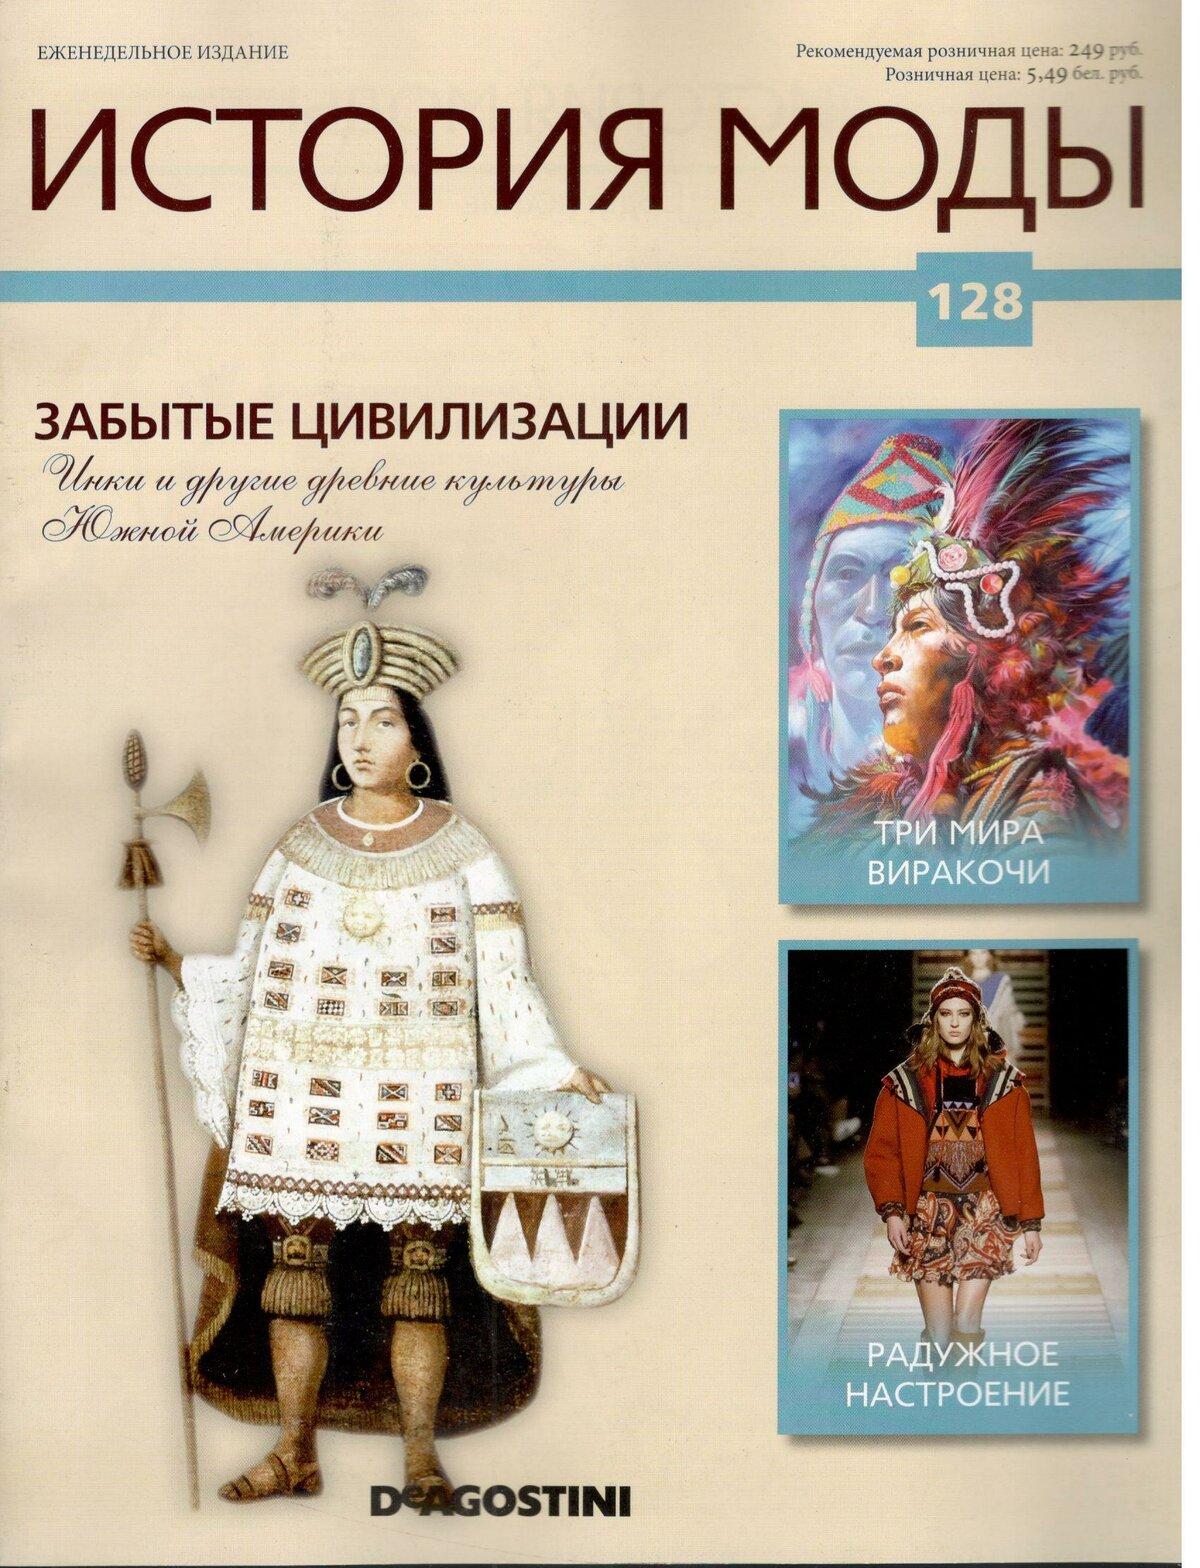 Из коллекции «История моды»